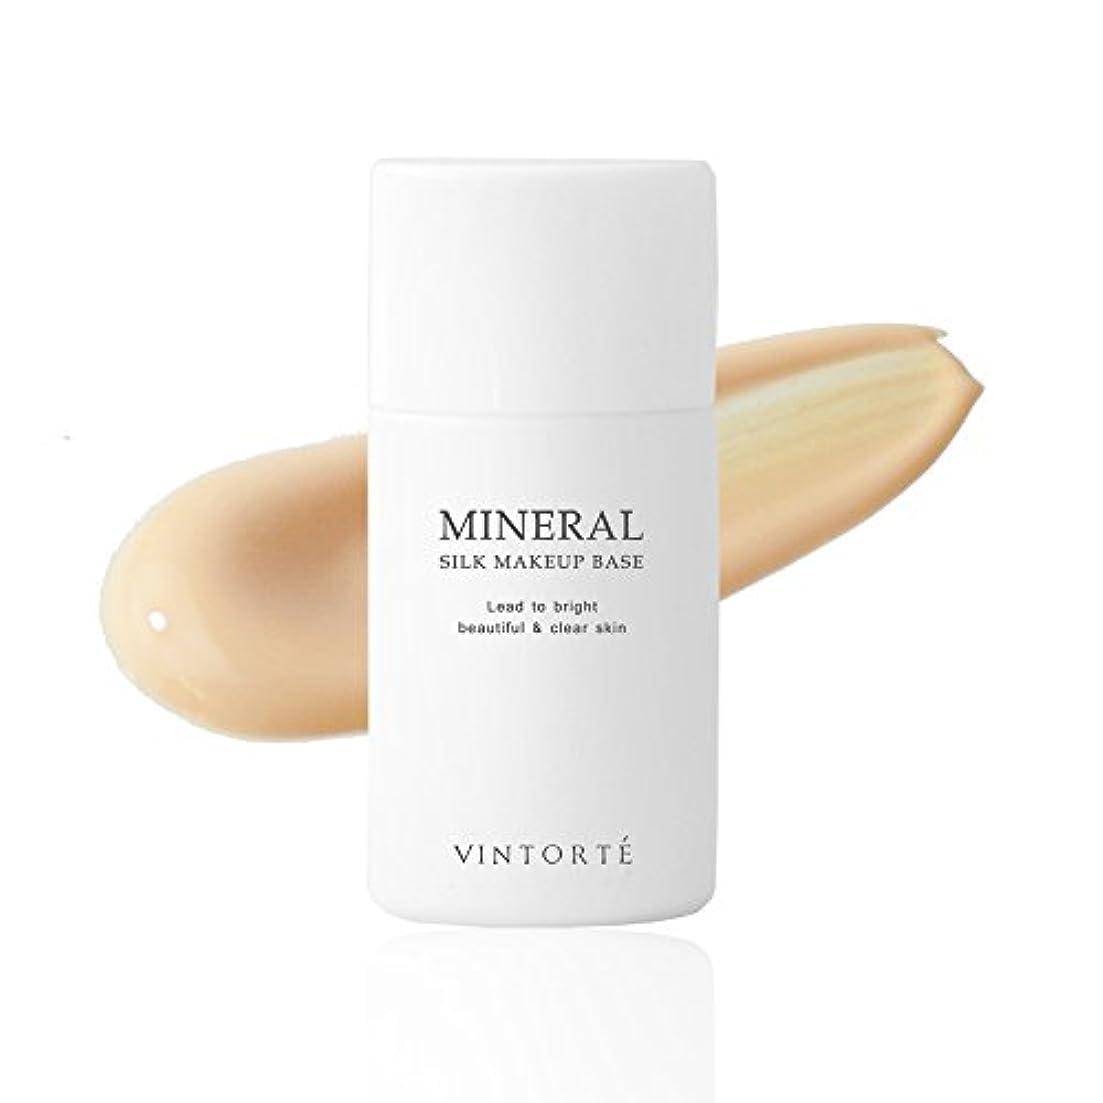 唇トラフ回路VINTORTE ミネラル シルク メイクアップベース ヴァントルテ 化粧下地 CC クリーム ベースメイク #01 v_mmb2-1